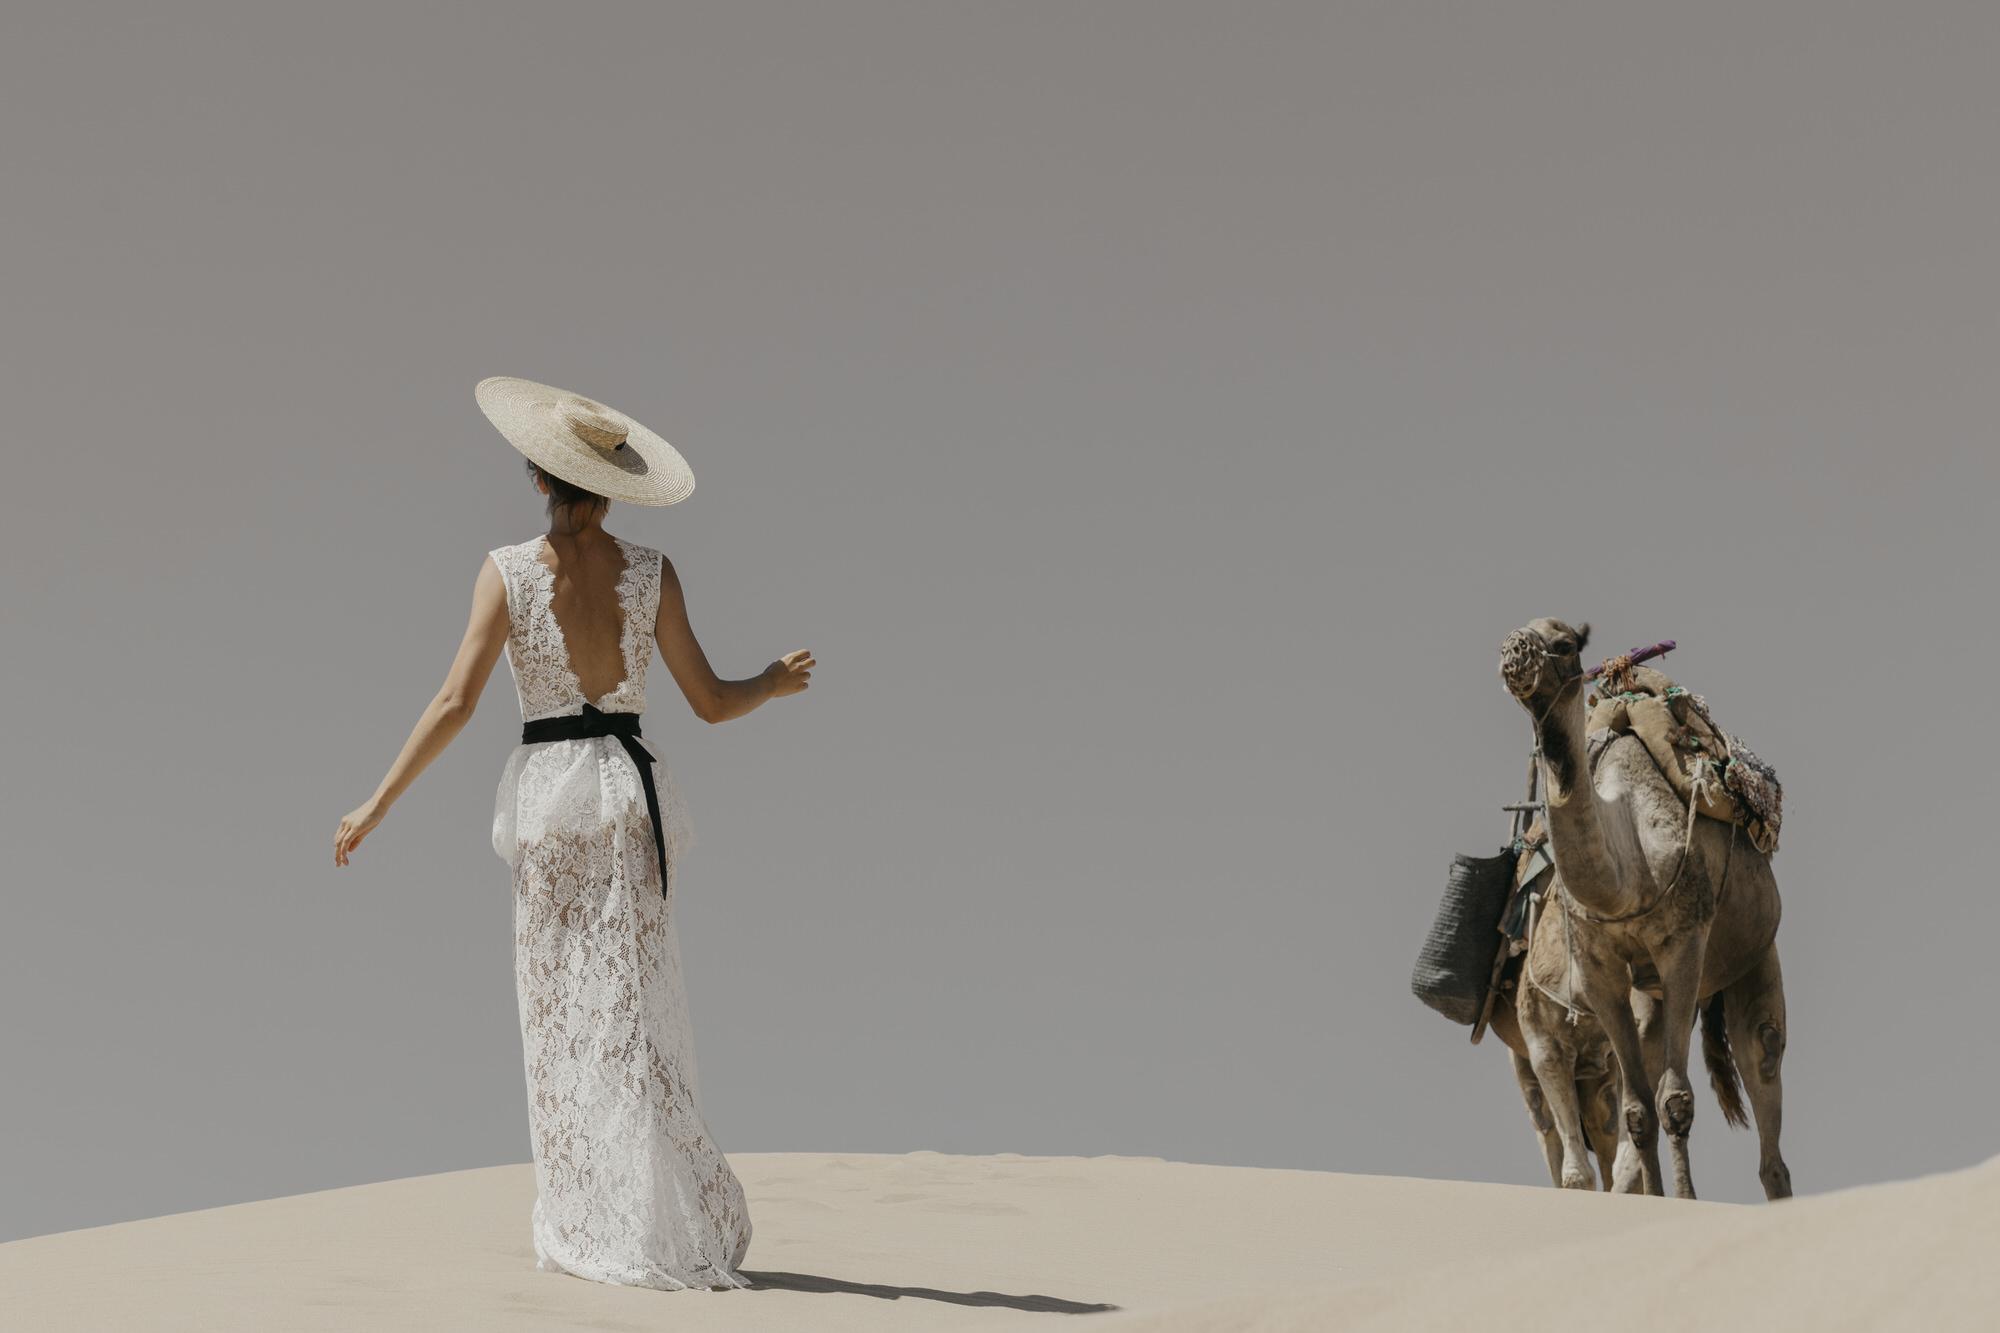 LAVANDE - Victoire Vermeulen